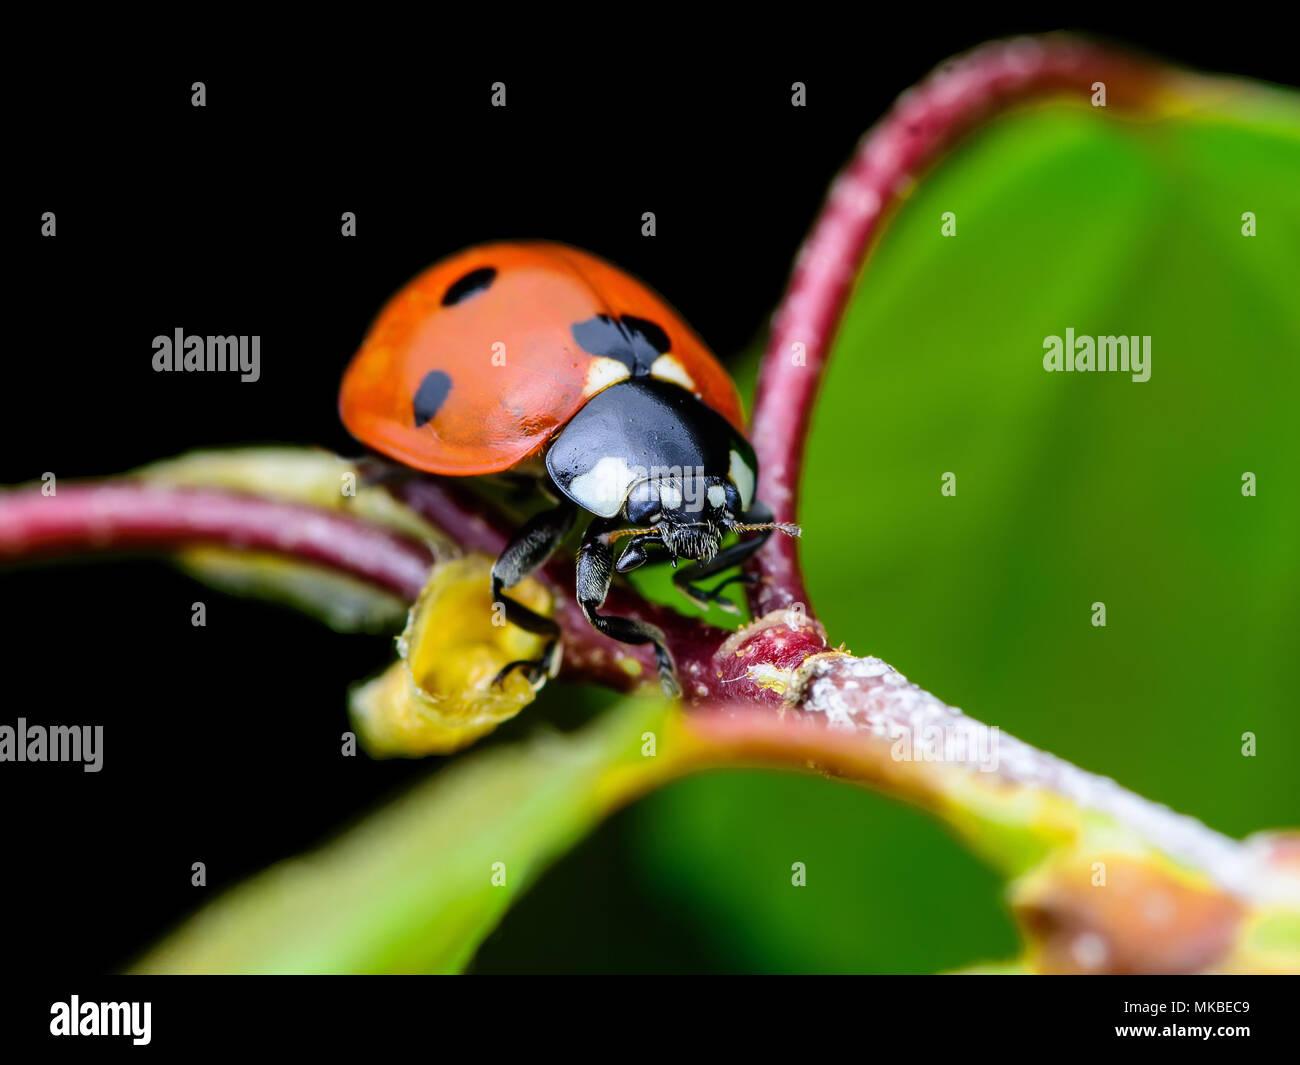 Marienkäfer Insekt auf Zweig Makro Stockbild